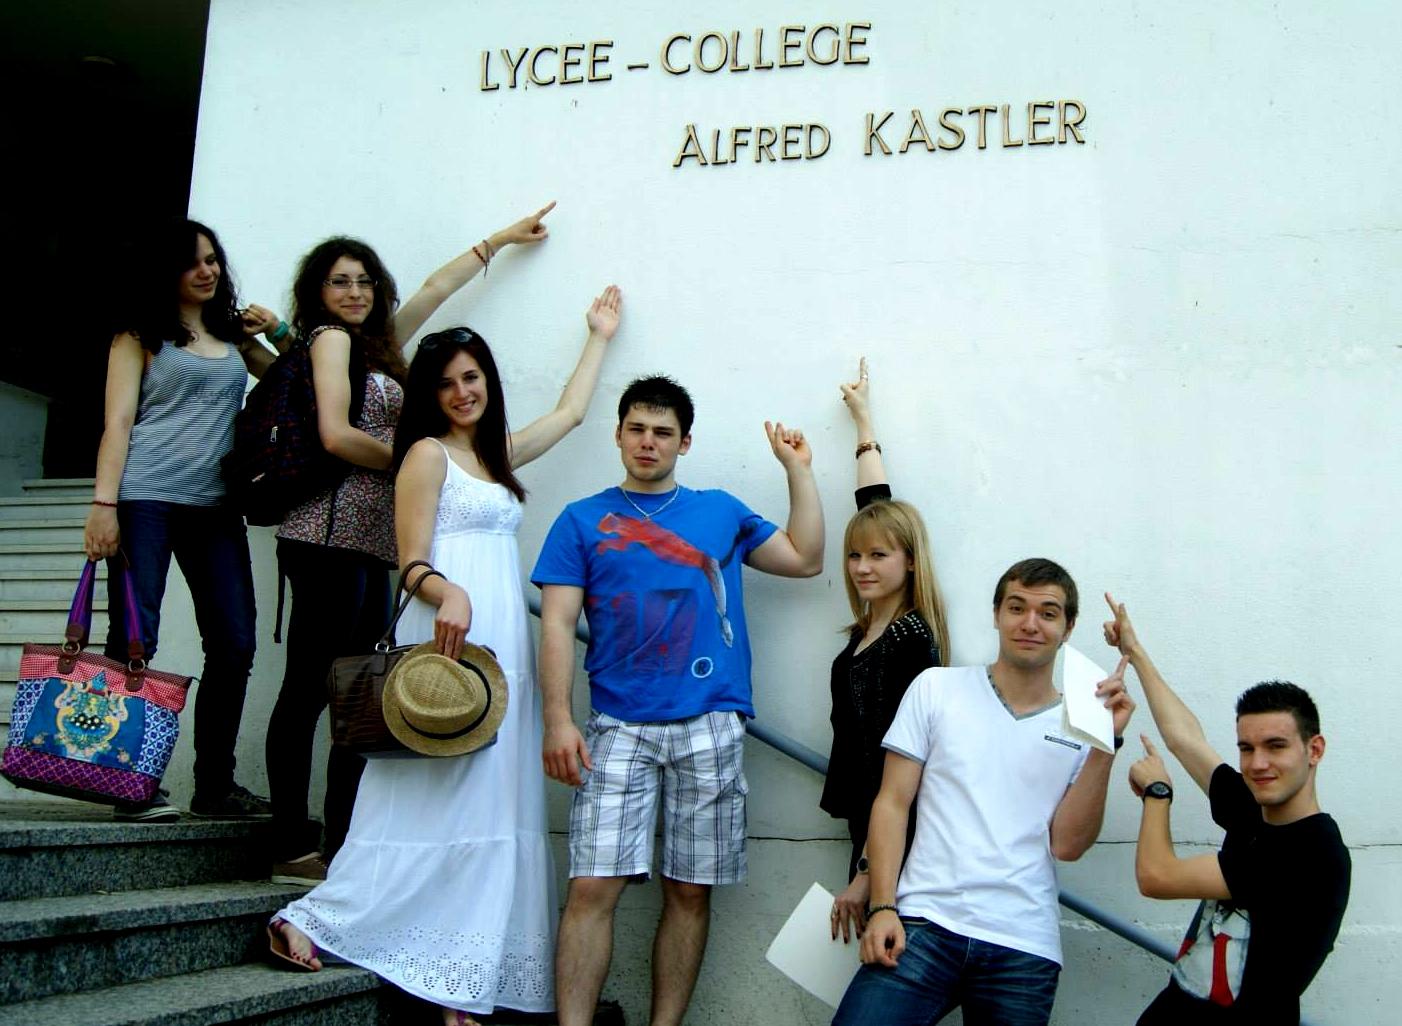 Cit u00e9 scolaire Alfred KASTLER   STENAY  Les excellents r u00e9sultats de Kastler aux examens